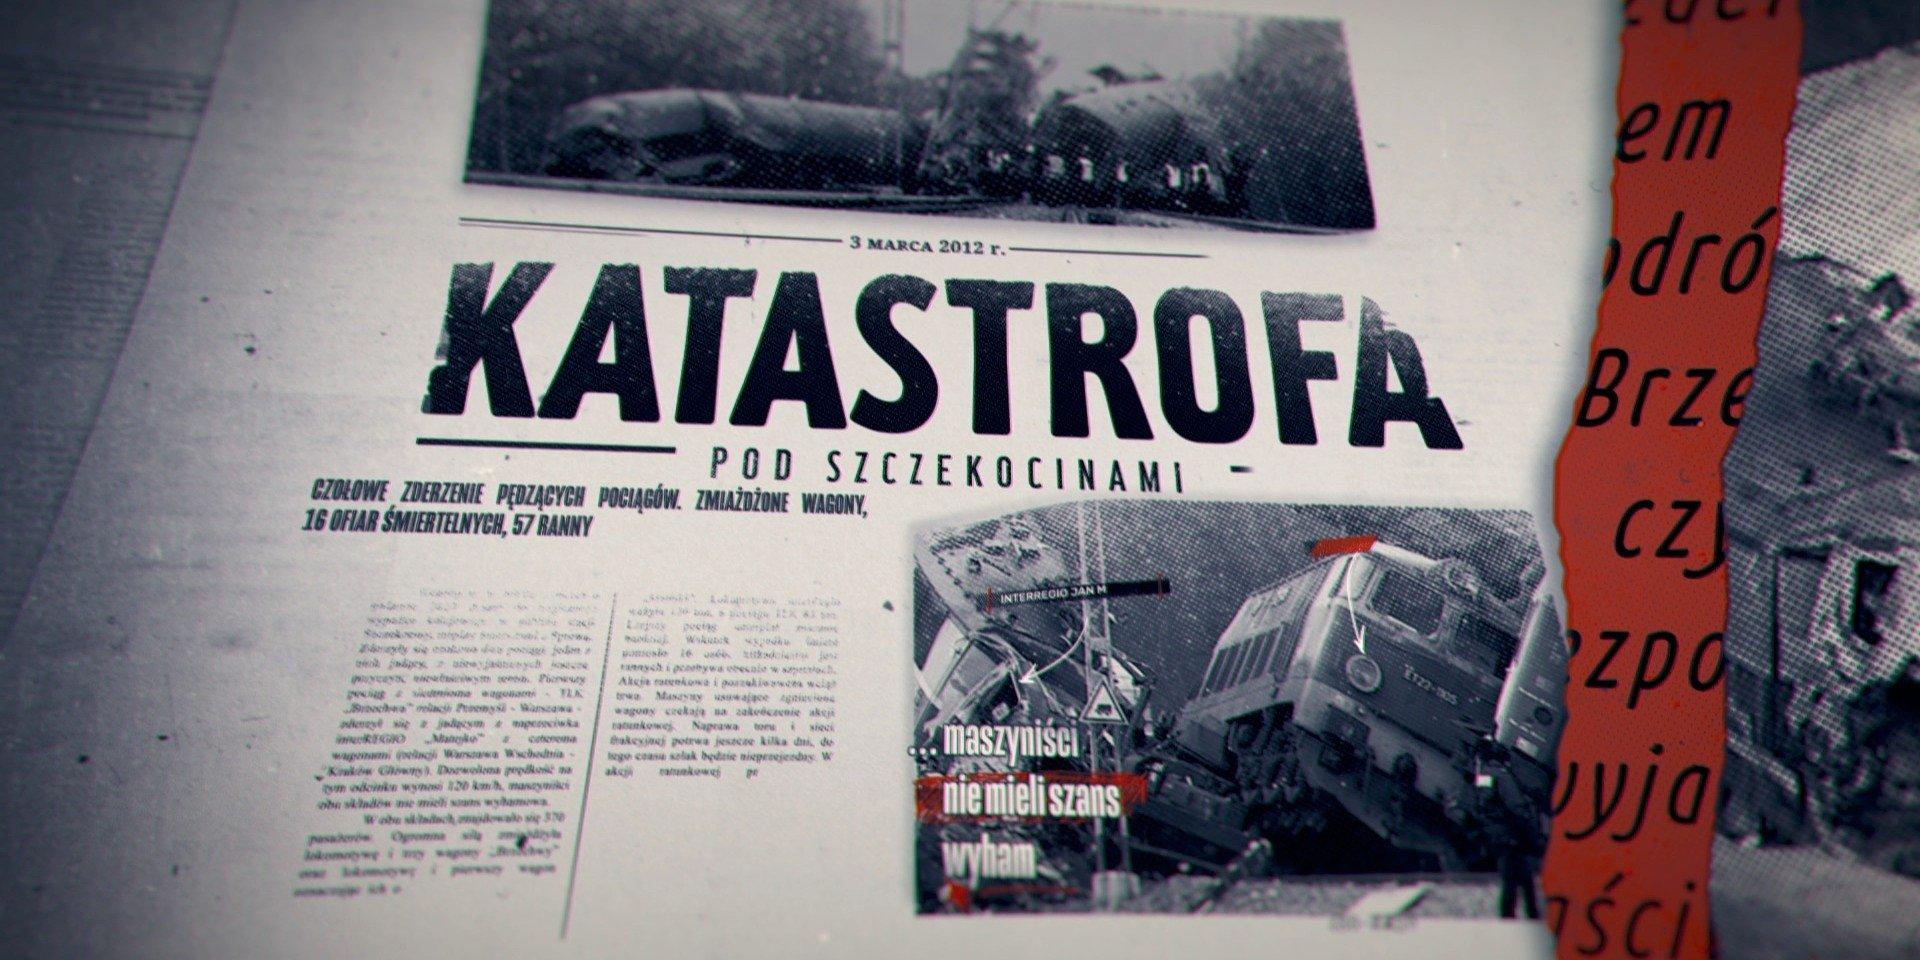 Największe polskie katastrofy: dlaczego doszło do zderzenia pociągów pod Szczekocinami?